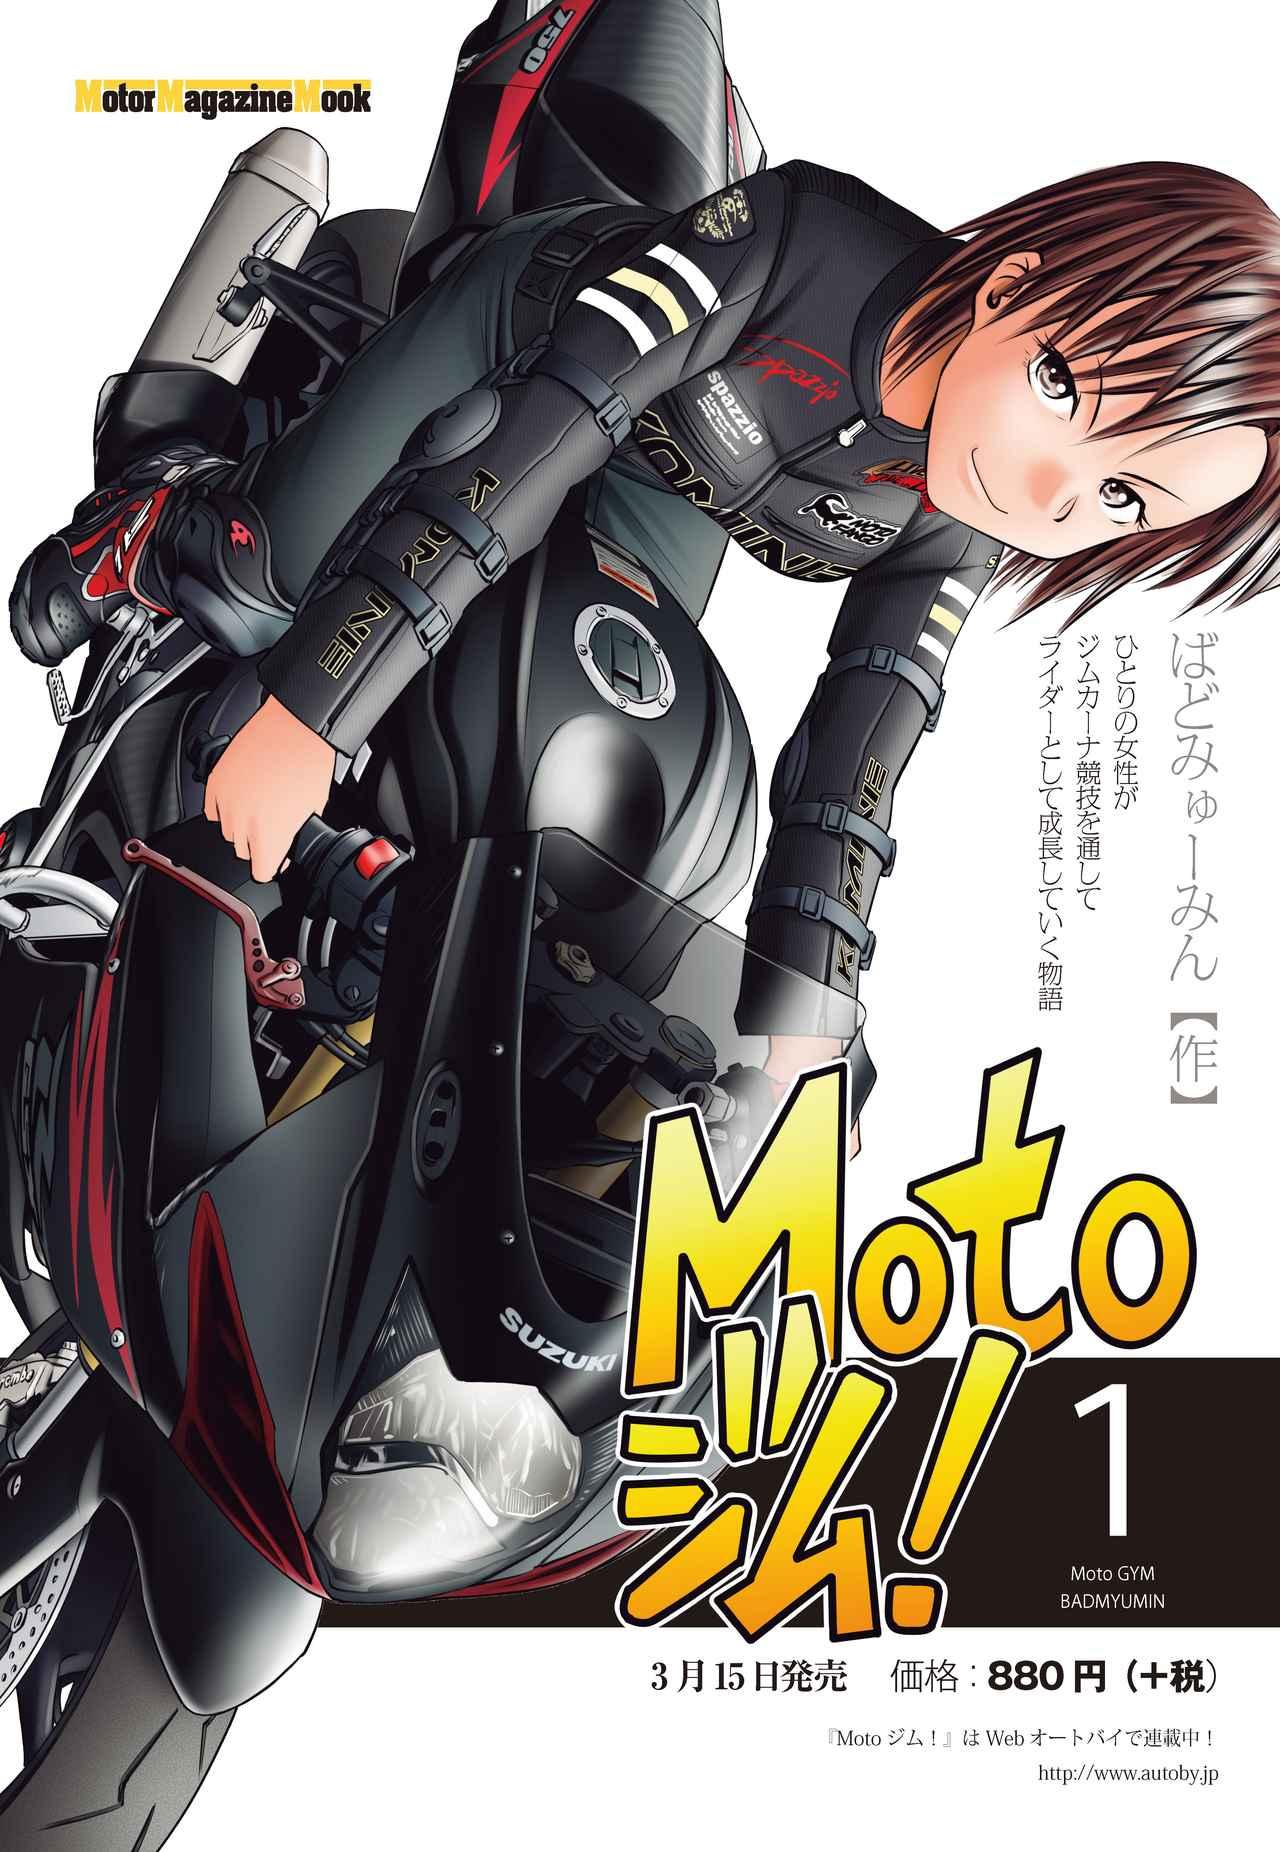 画像3: 2018年3月15日発売! オールカラーで税込価格は950円!